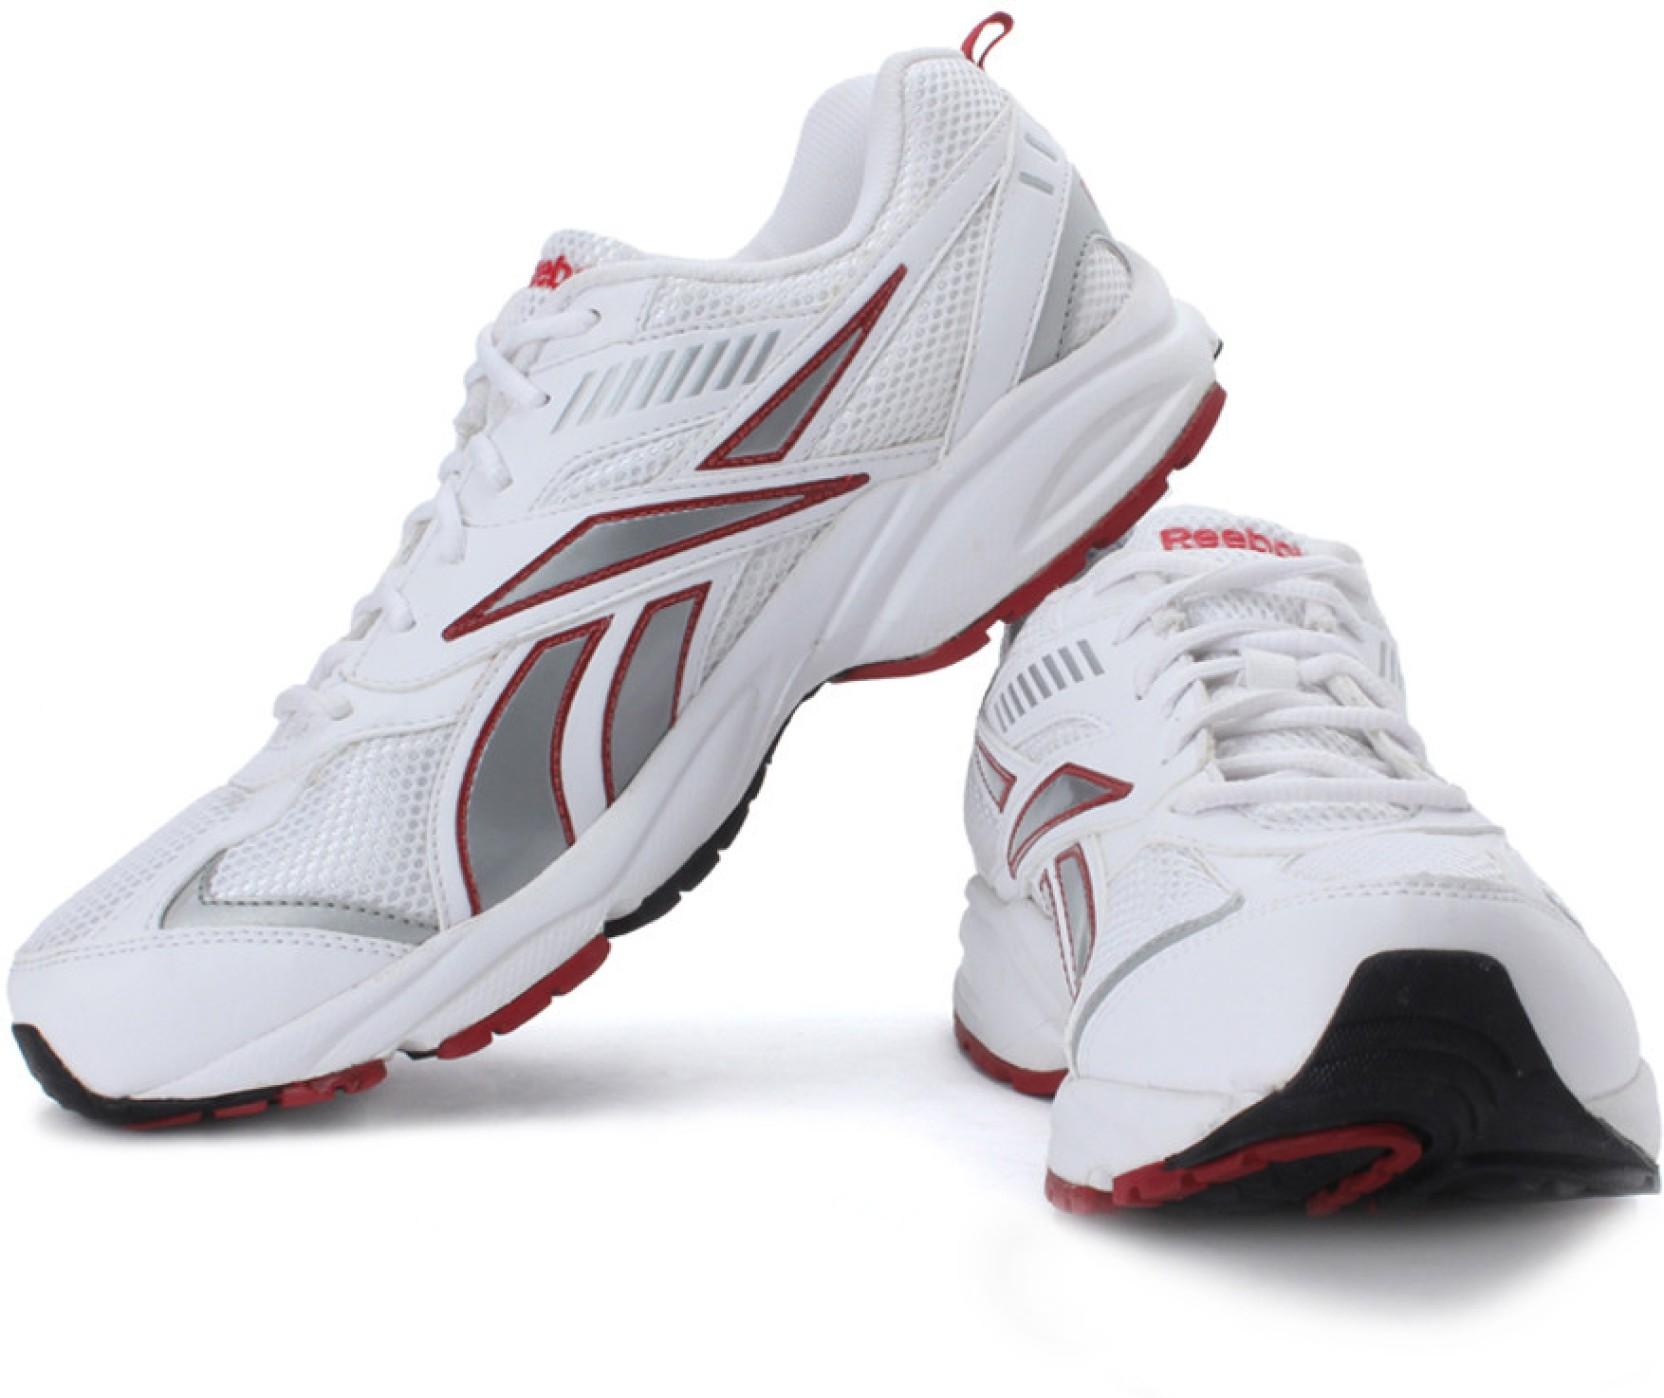 c2b6de9de8f REEBOK Acciomax II LP Running Shoes For Men